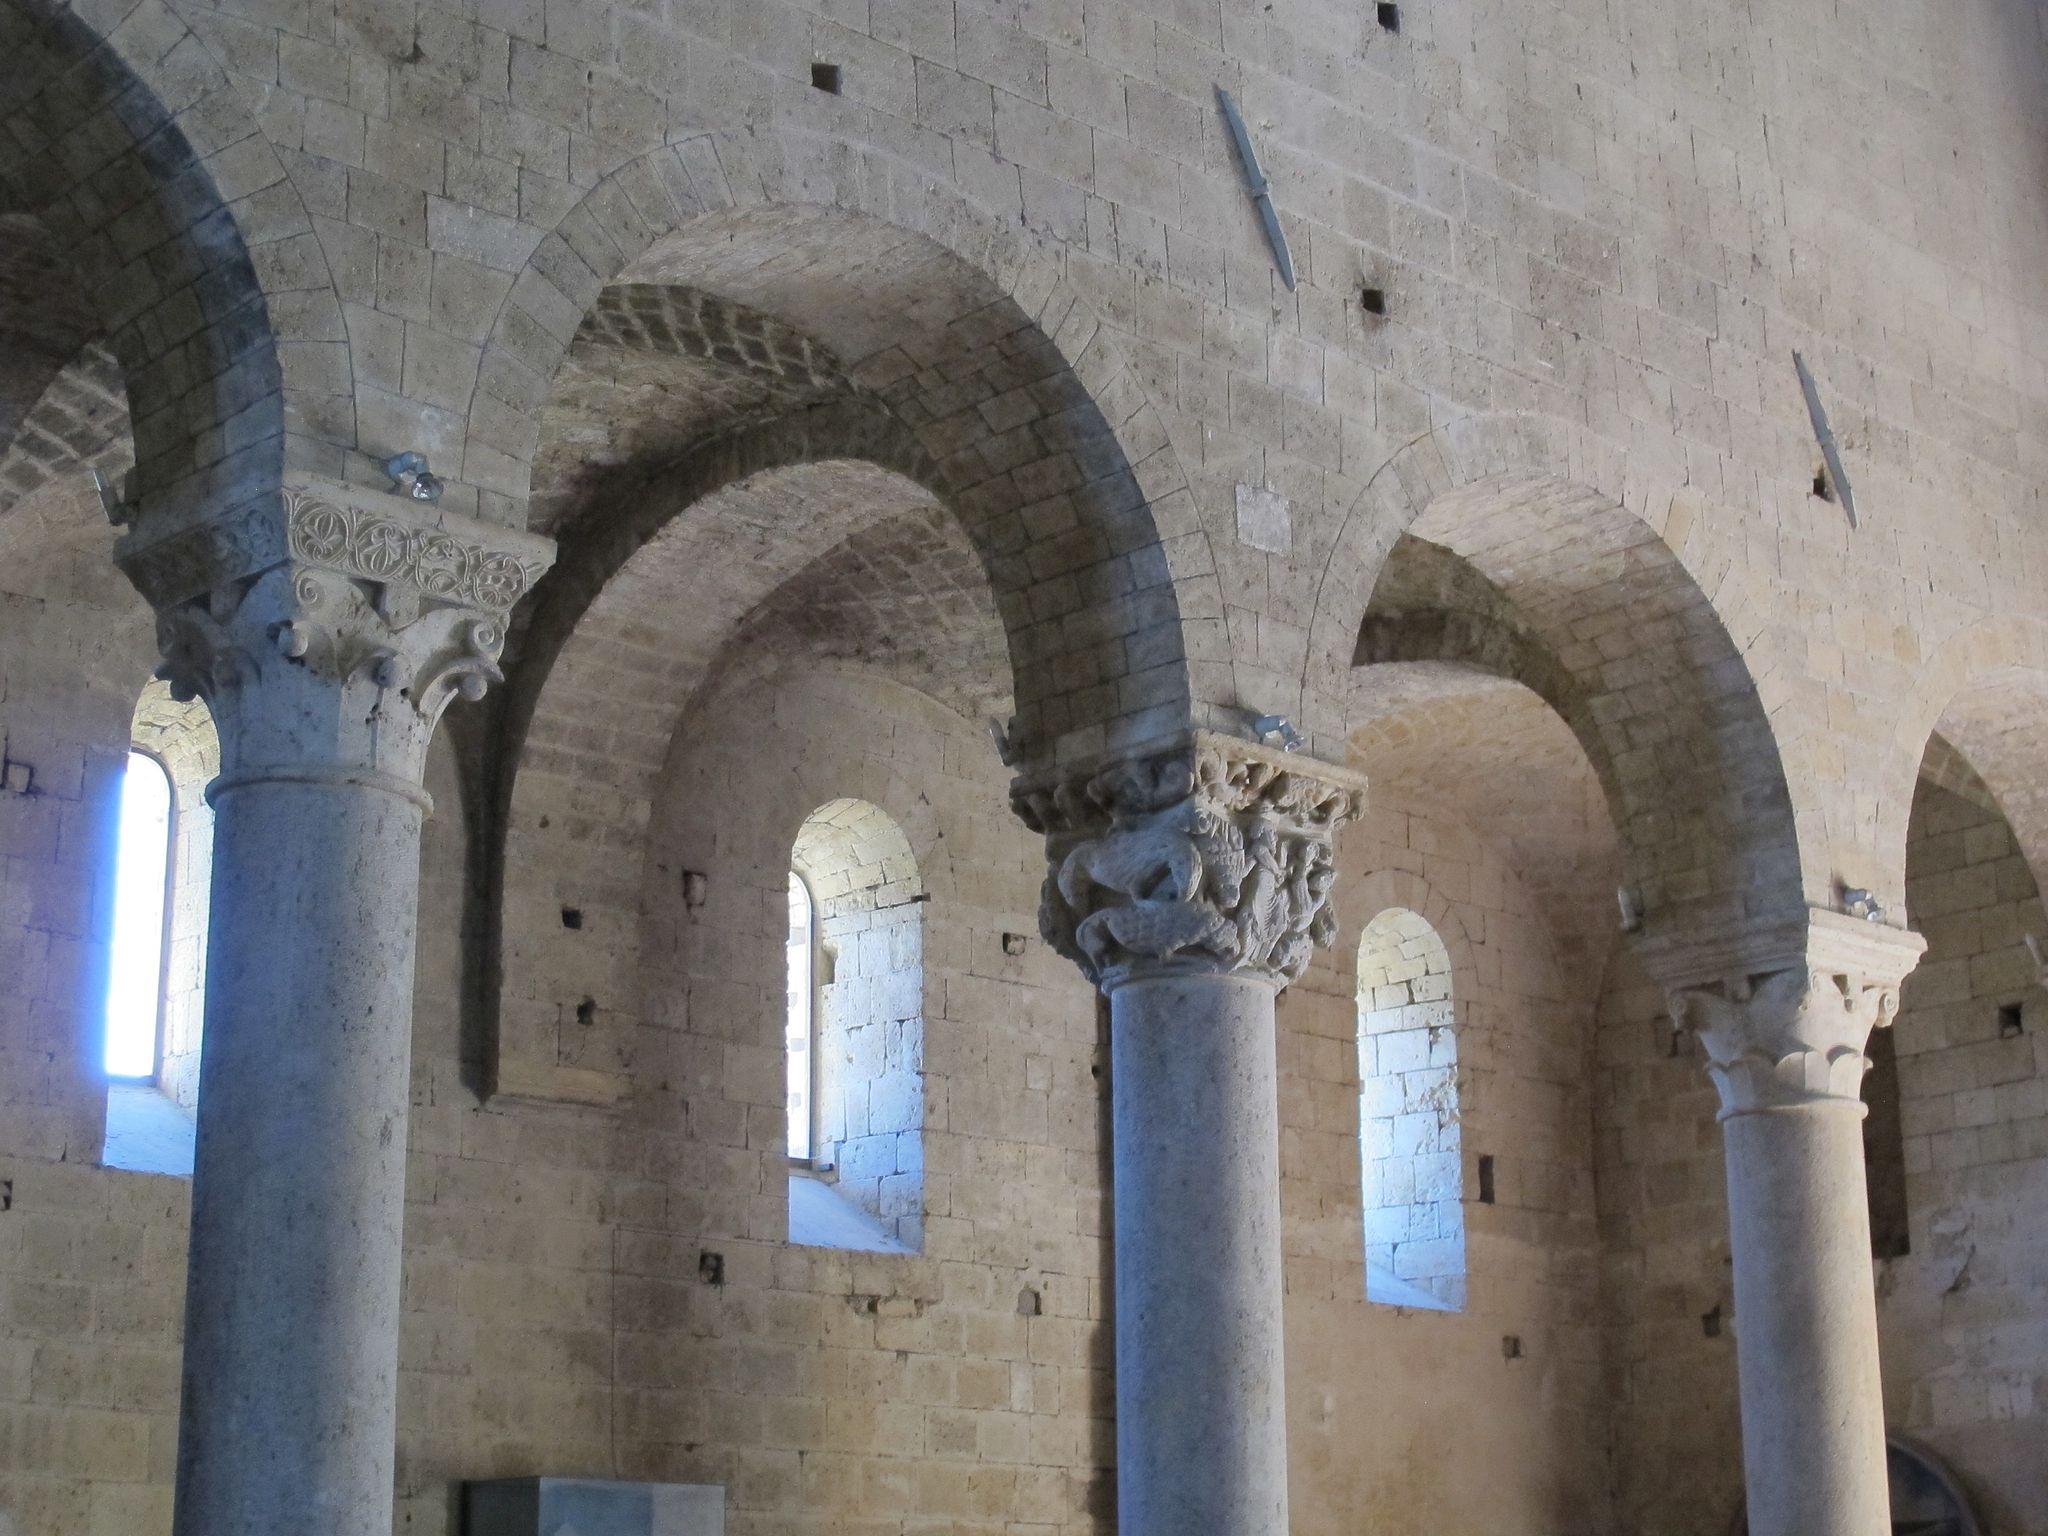 Abbazia di Sant'Antimo, capitello con Daniele nella fossa dei leoni del Maestro di Cabestany